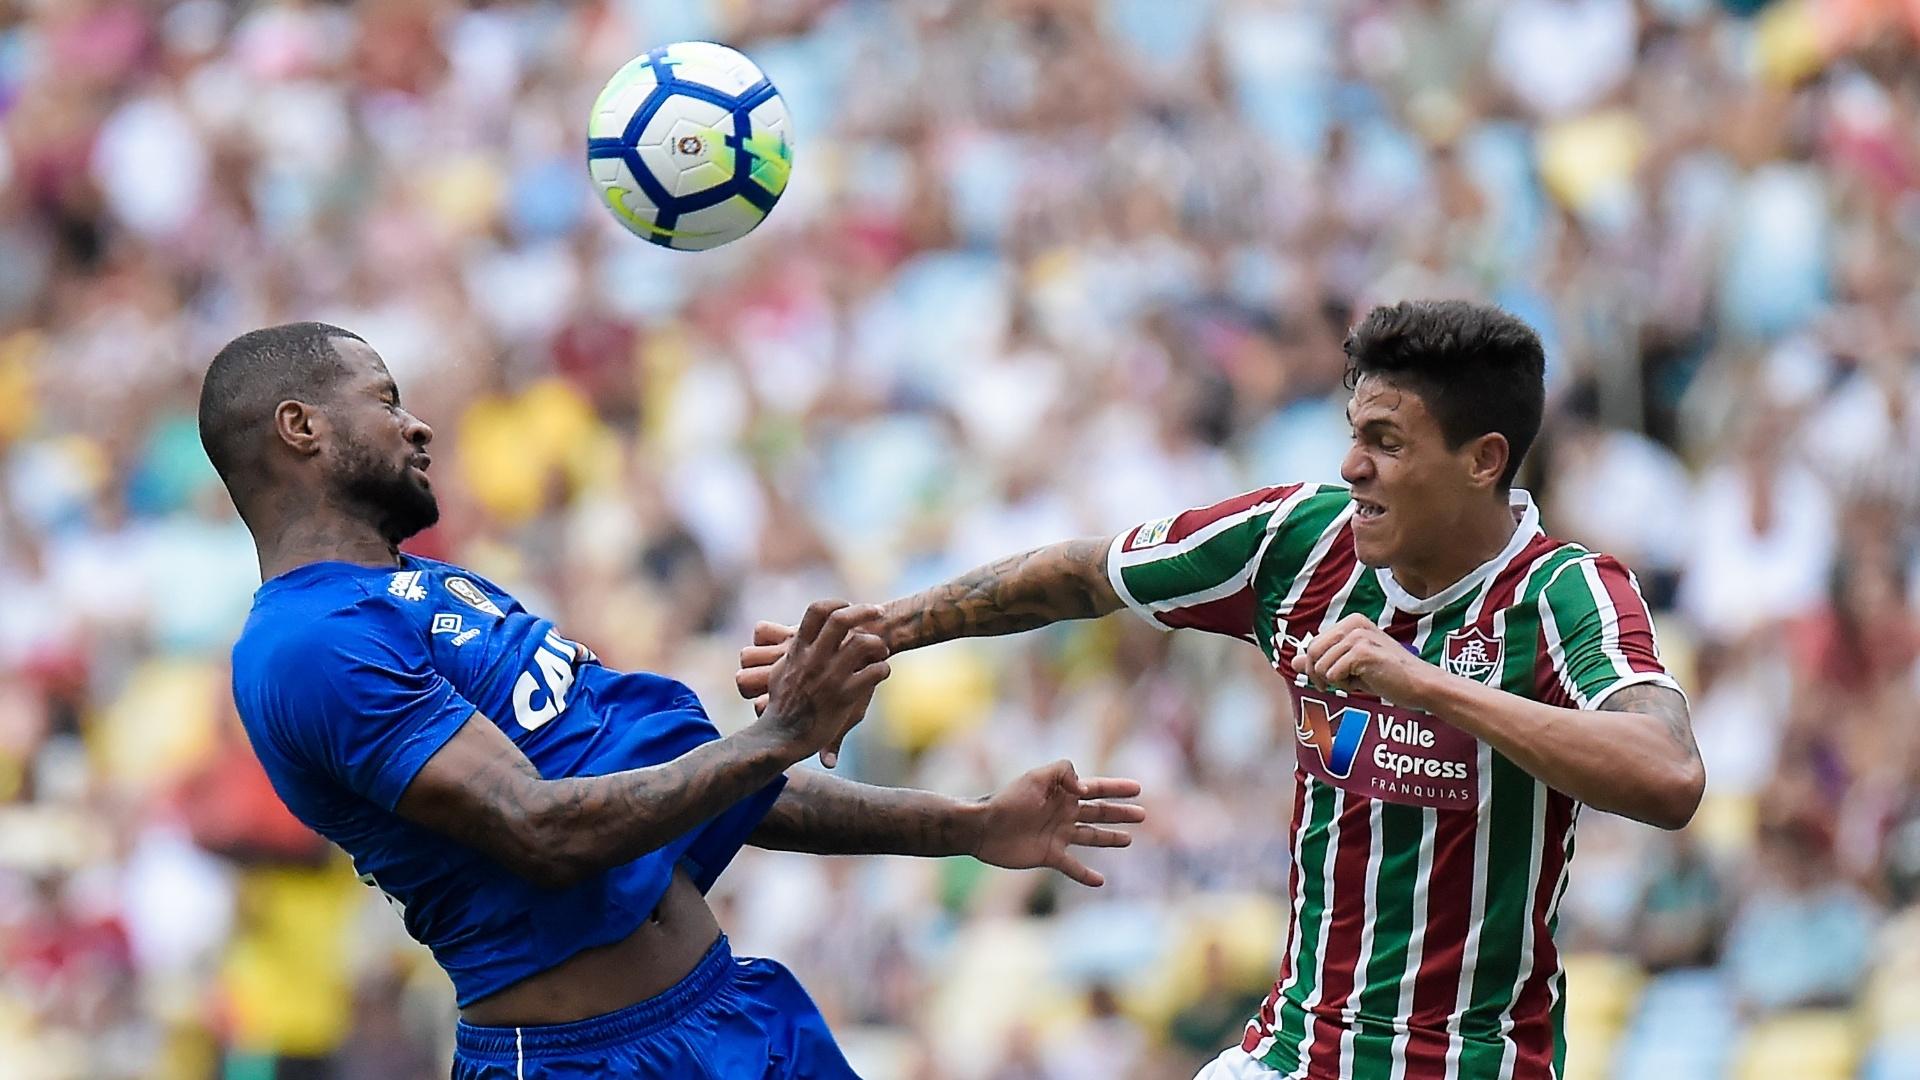 Dedé e Pedro disputam a bola pelo alto no jogo entre Fluminense e Cruzeiro